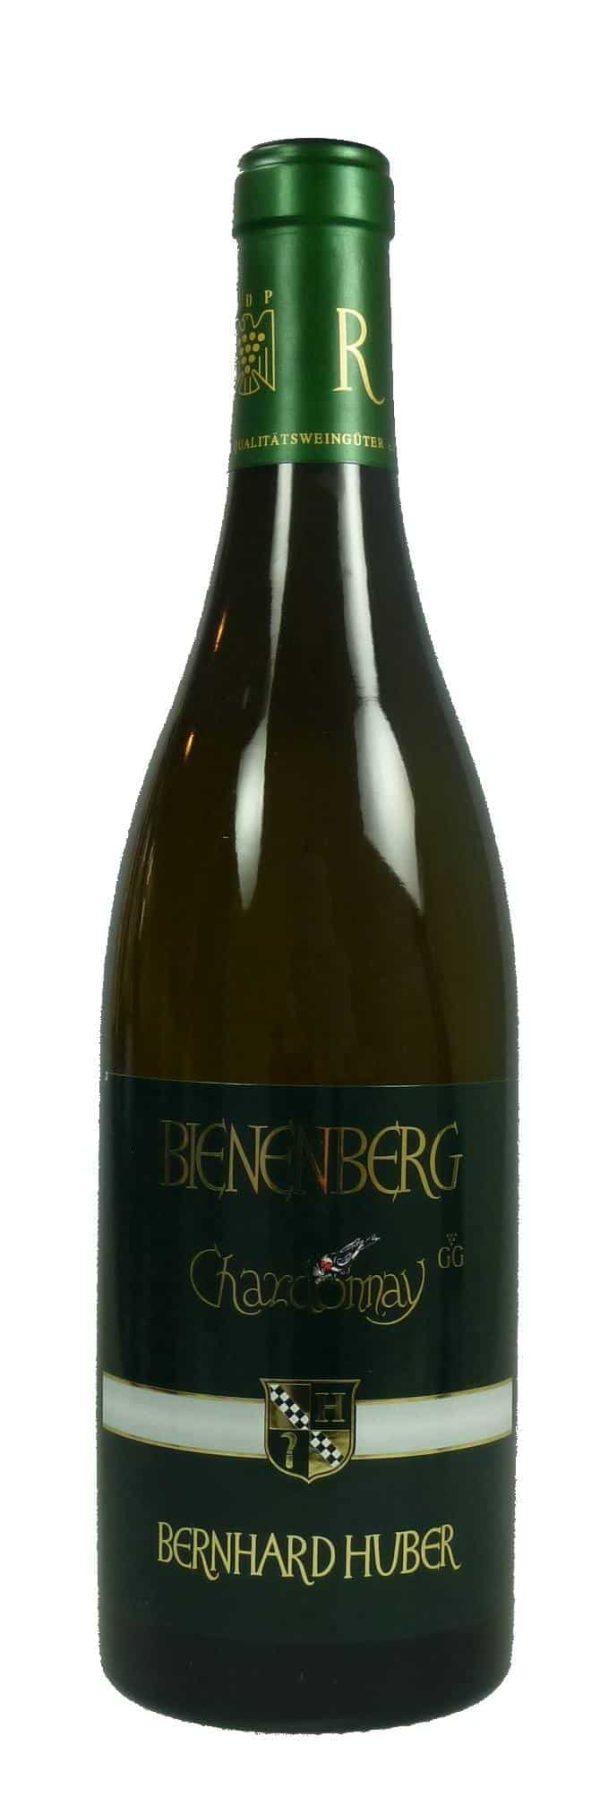 Bienenberg Chardonnay Großes Gewächs Qualitätswein trocken 2014